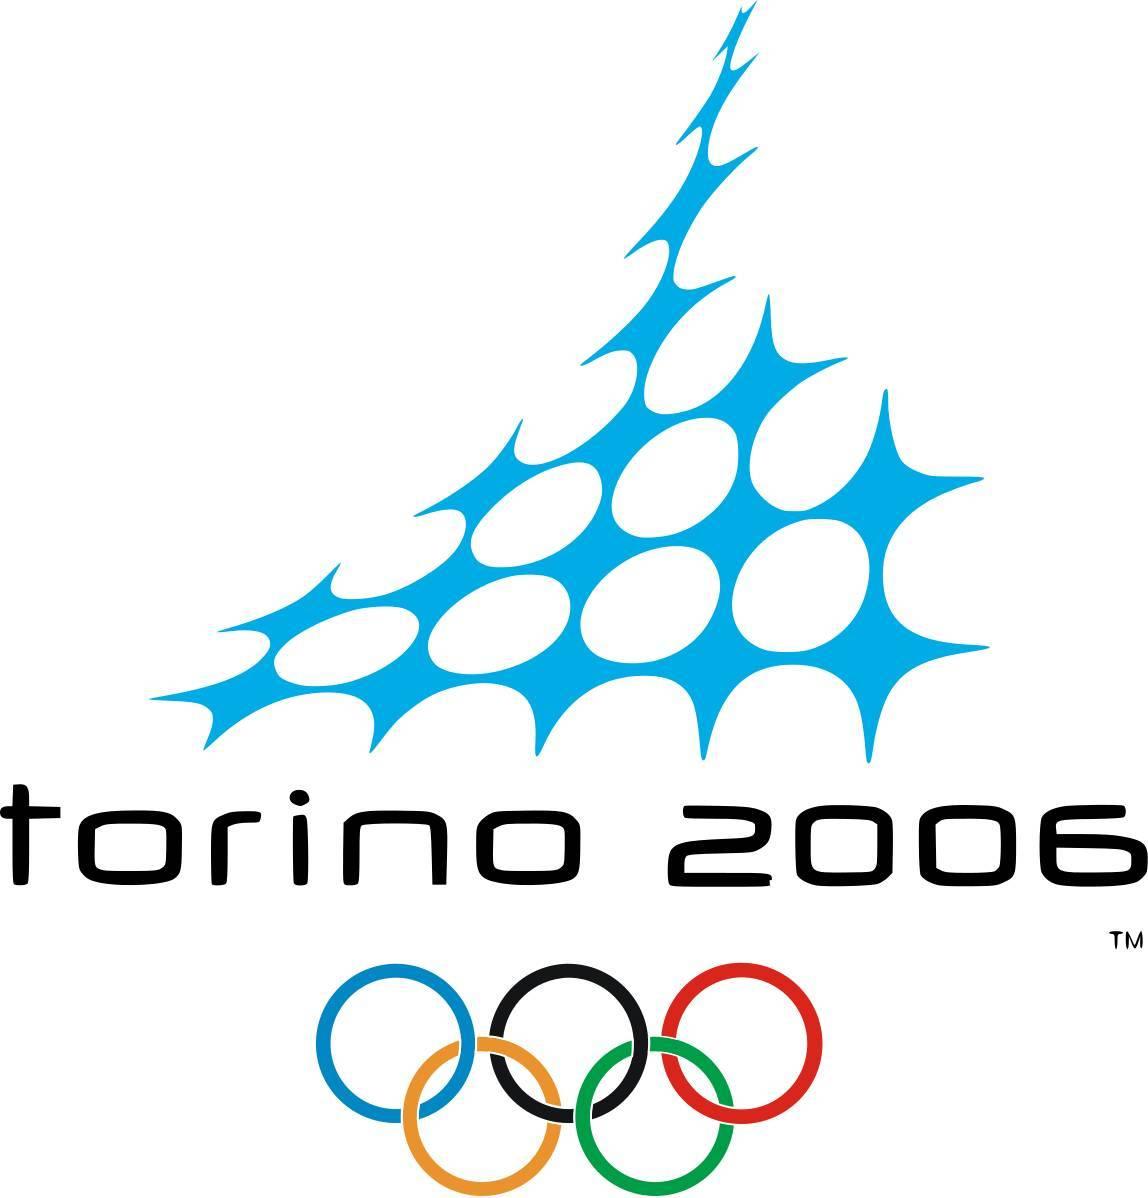 刚刚,北京冬奥会会徽正式发布!图片